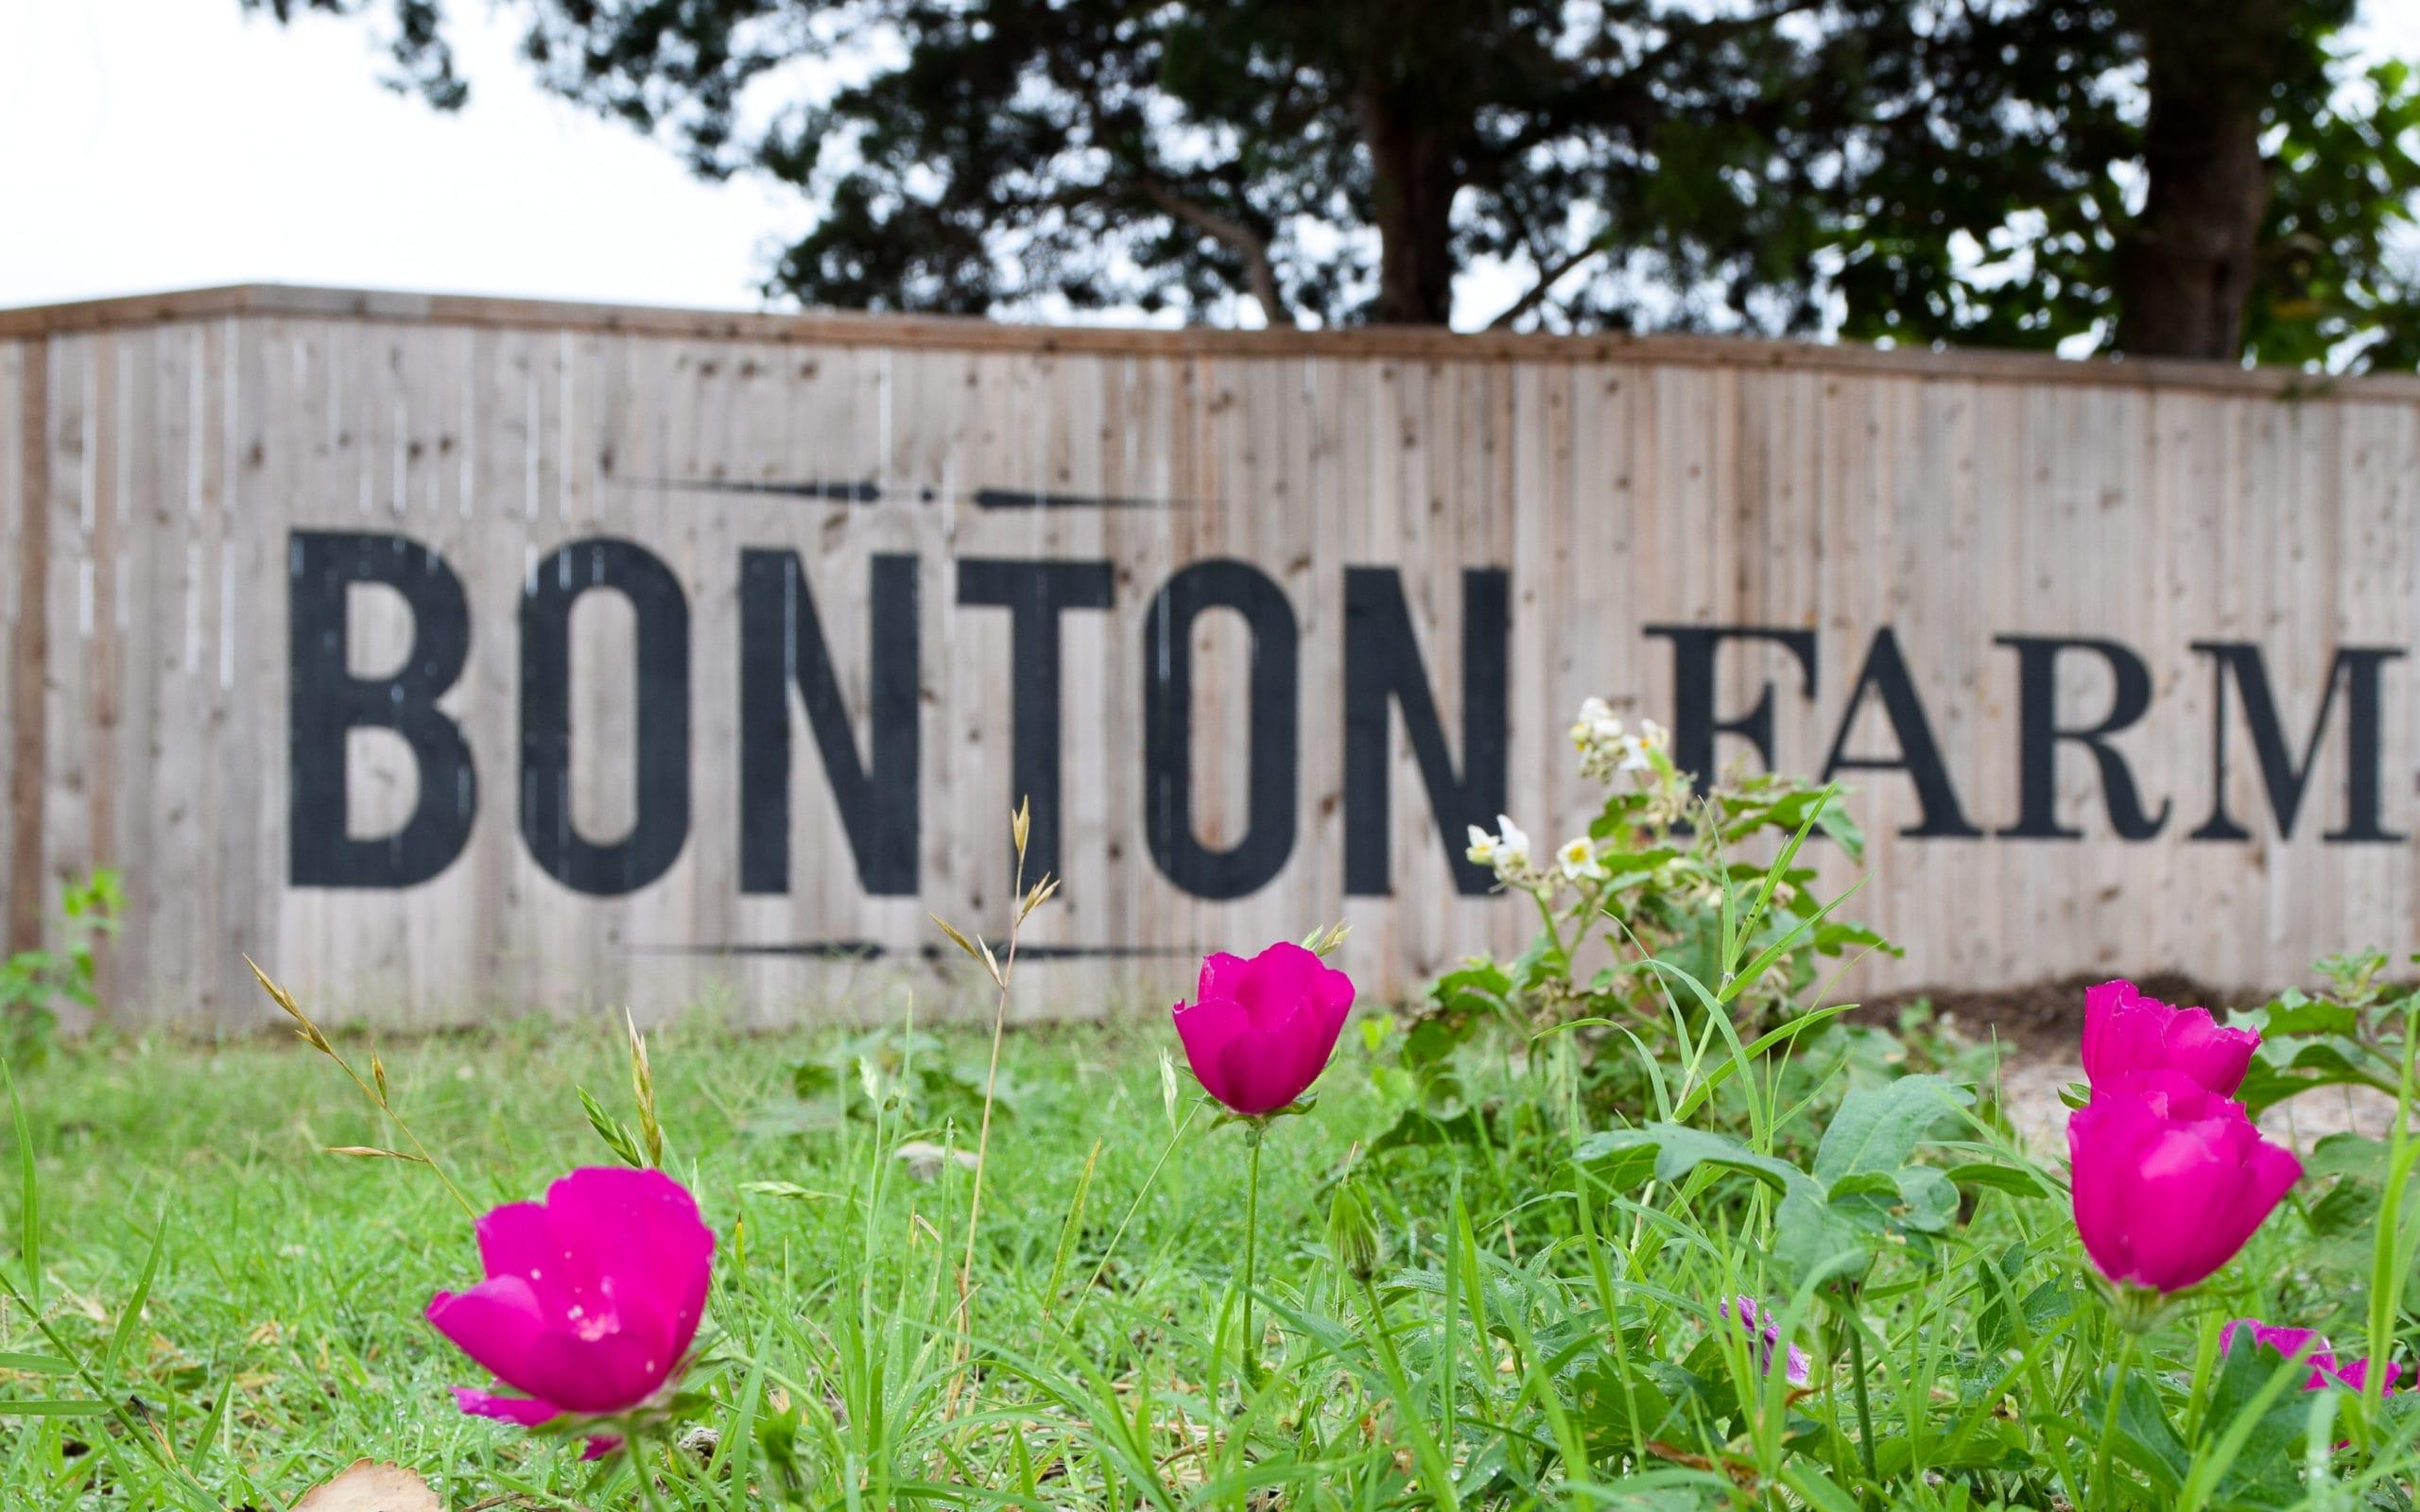 Bonton Farms sign in south Dallas